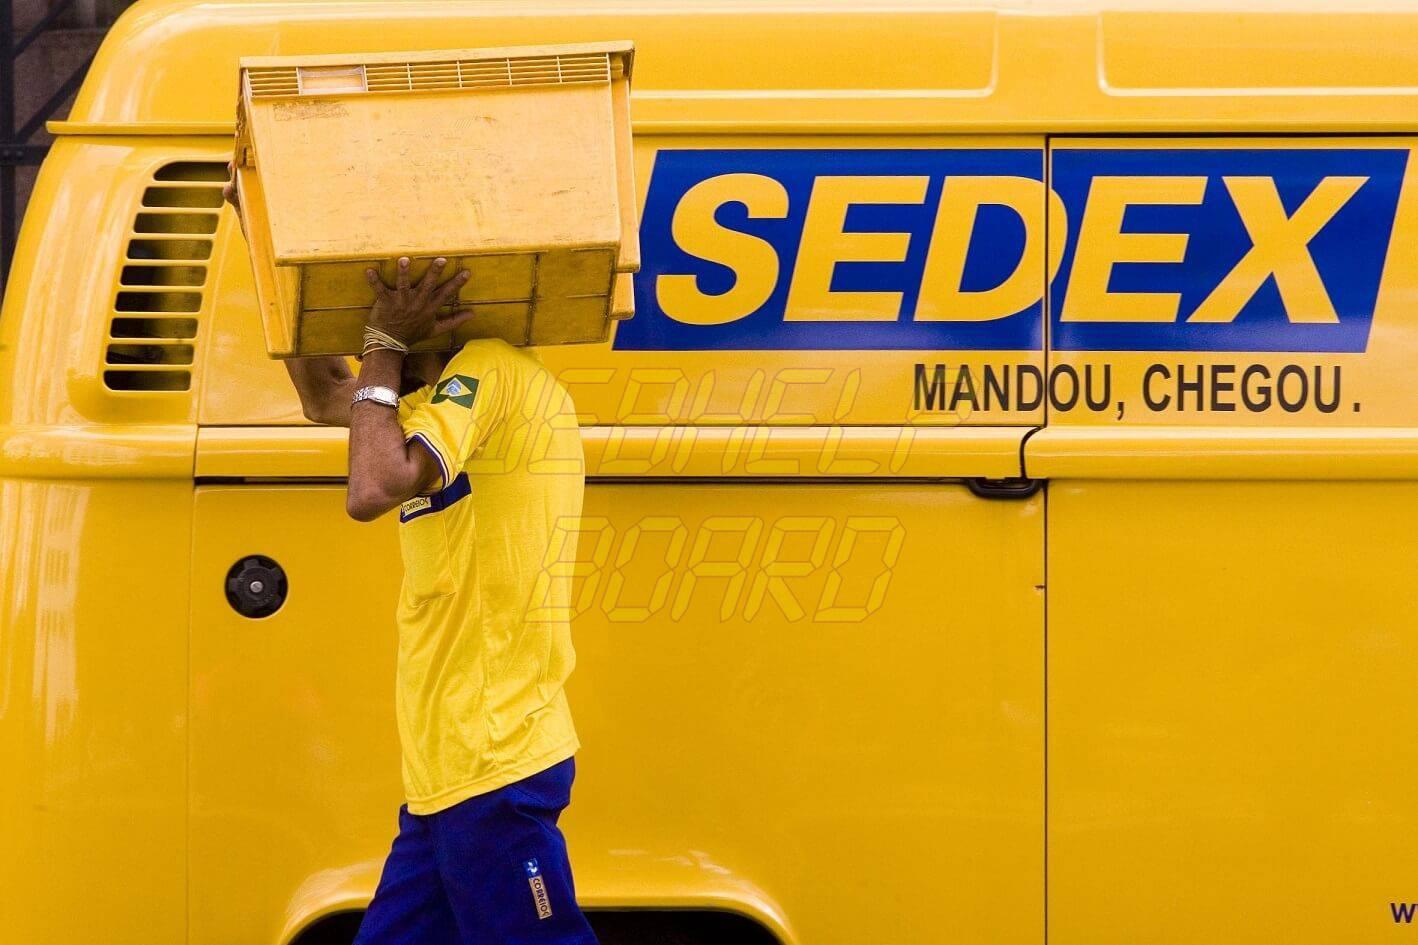 24155709109328 - Correios: como rastrear pacotes e encomendas